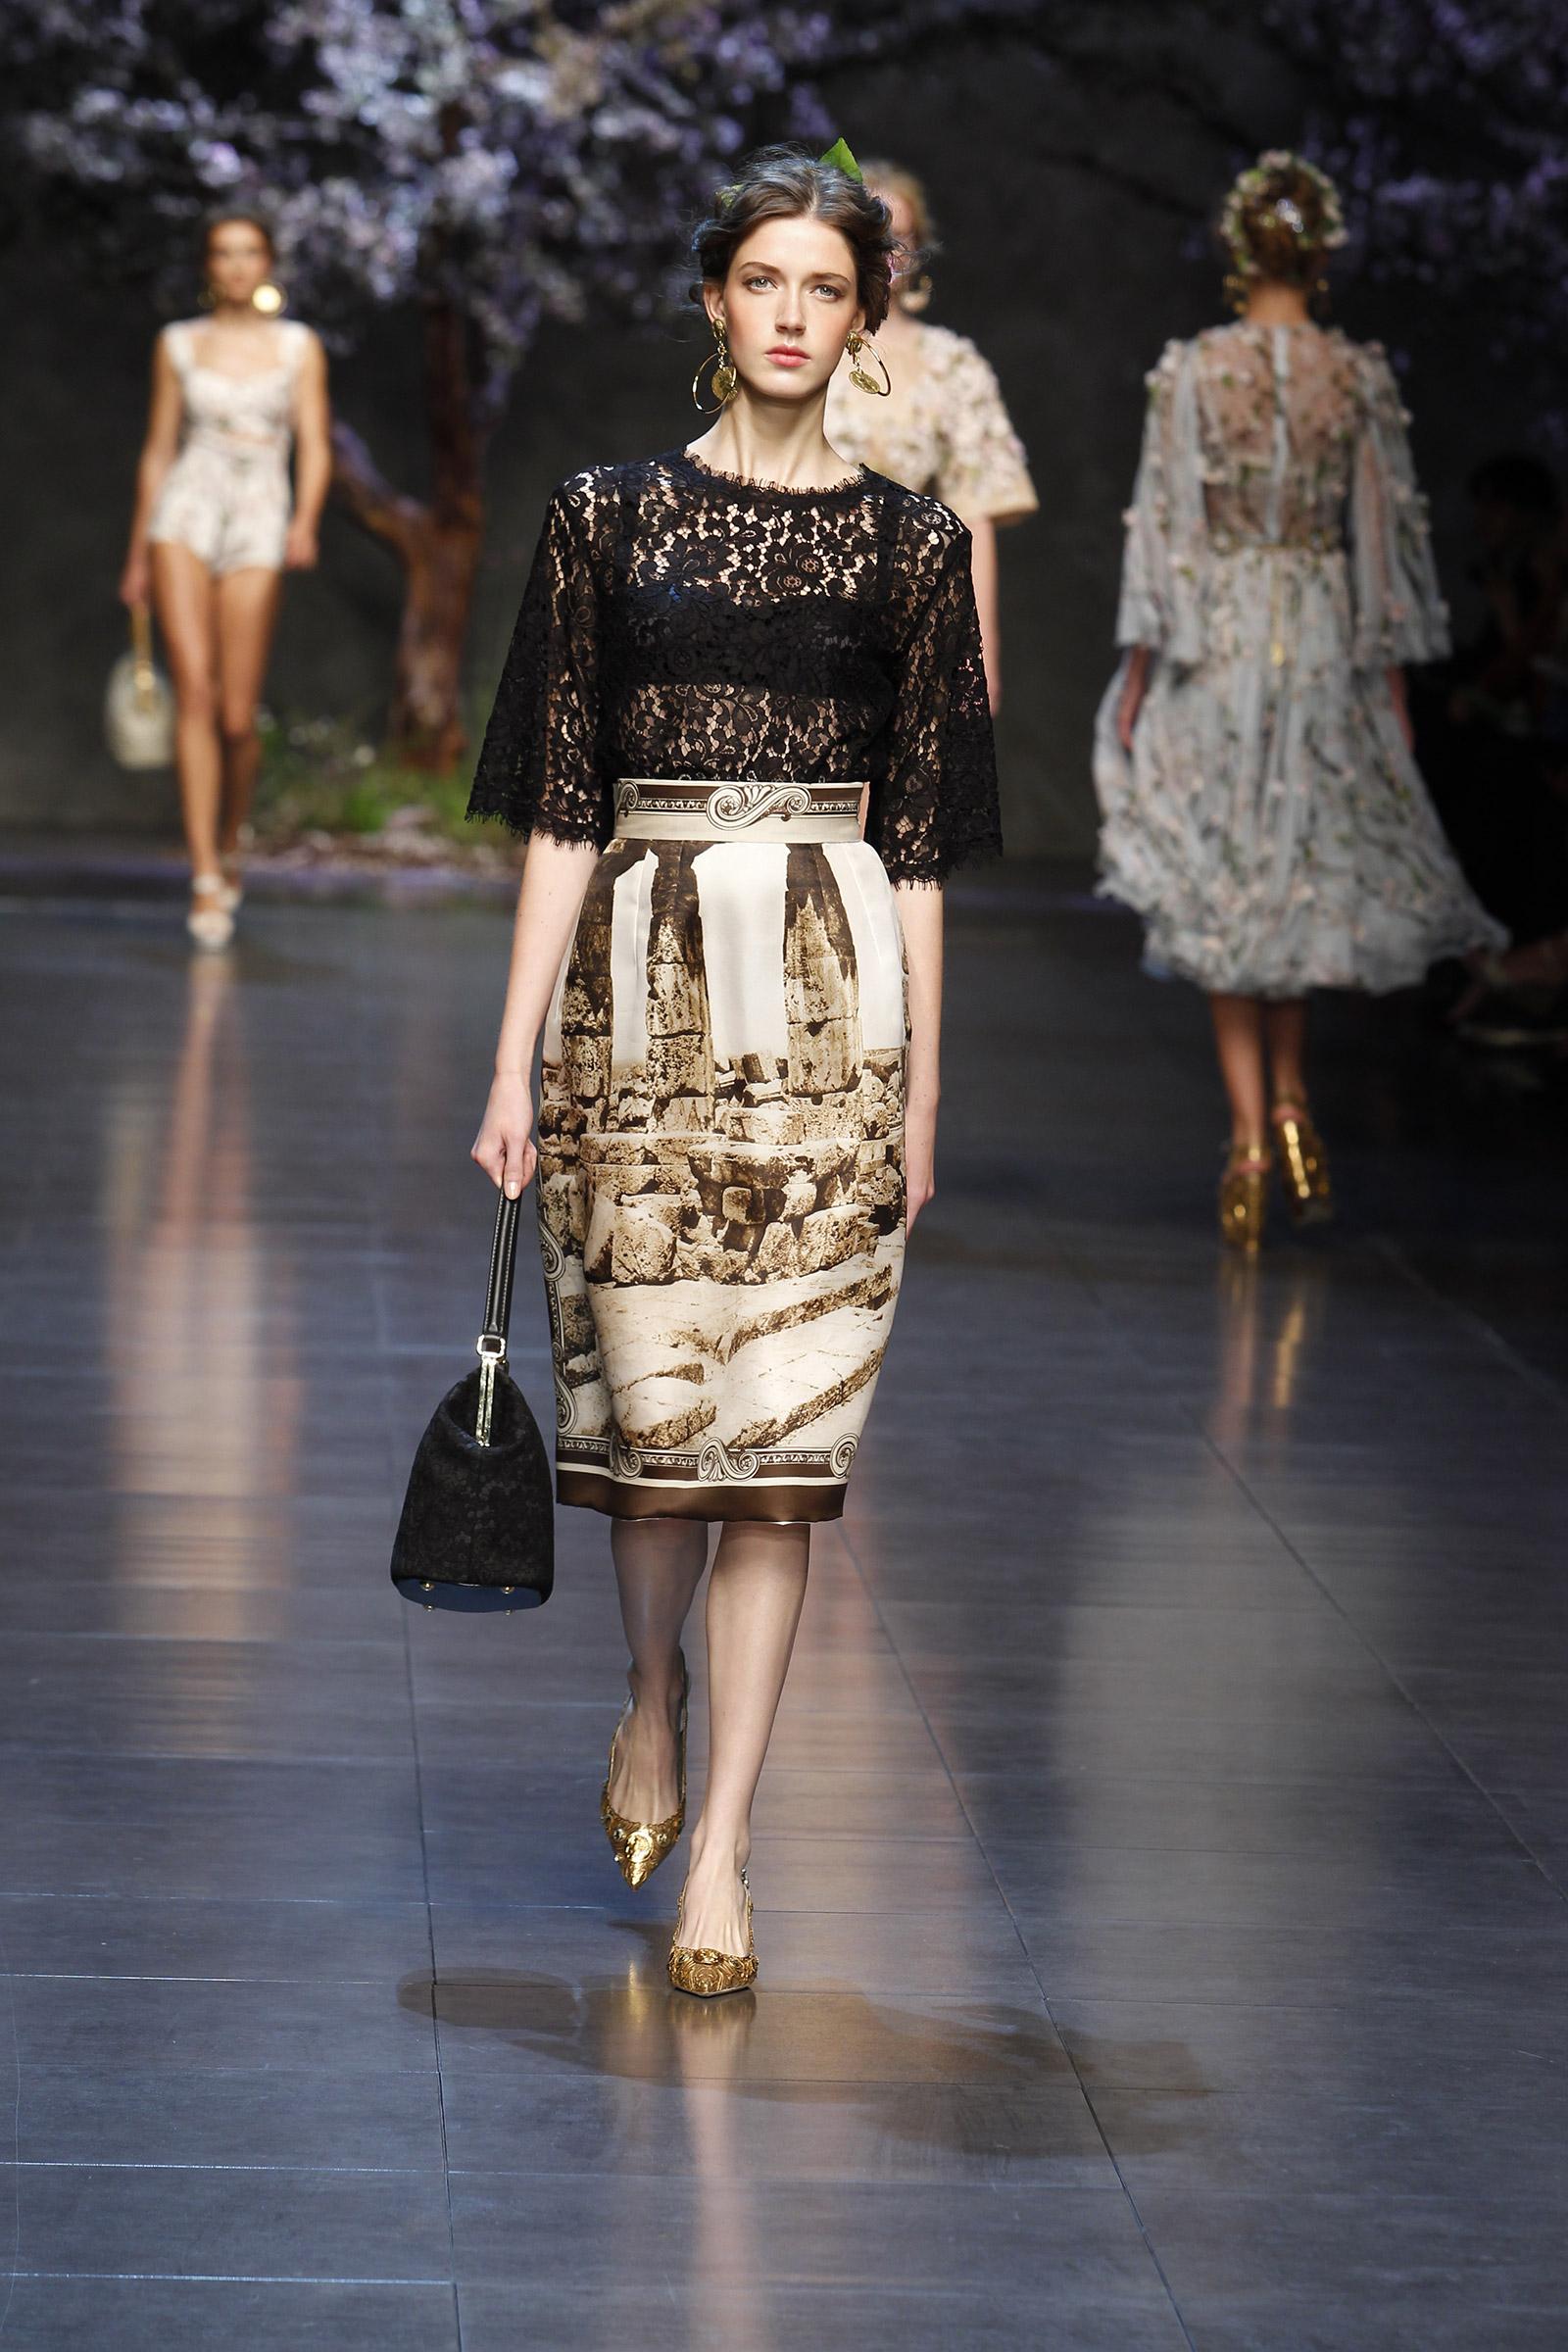 dolce-and-gabbana-ss-2014-women-fashion-show-runway-7